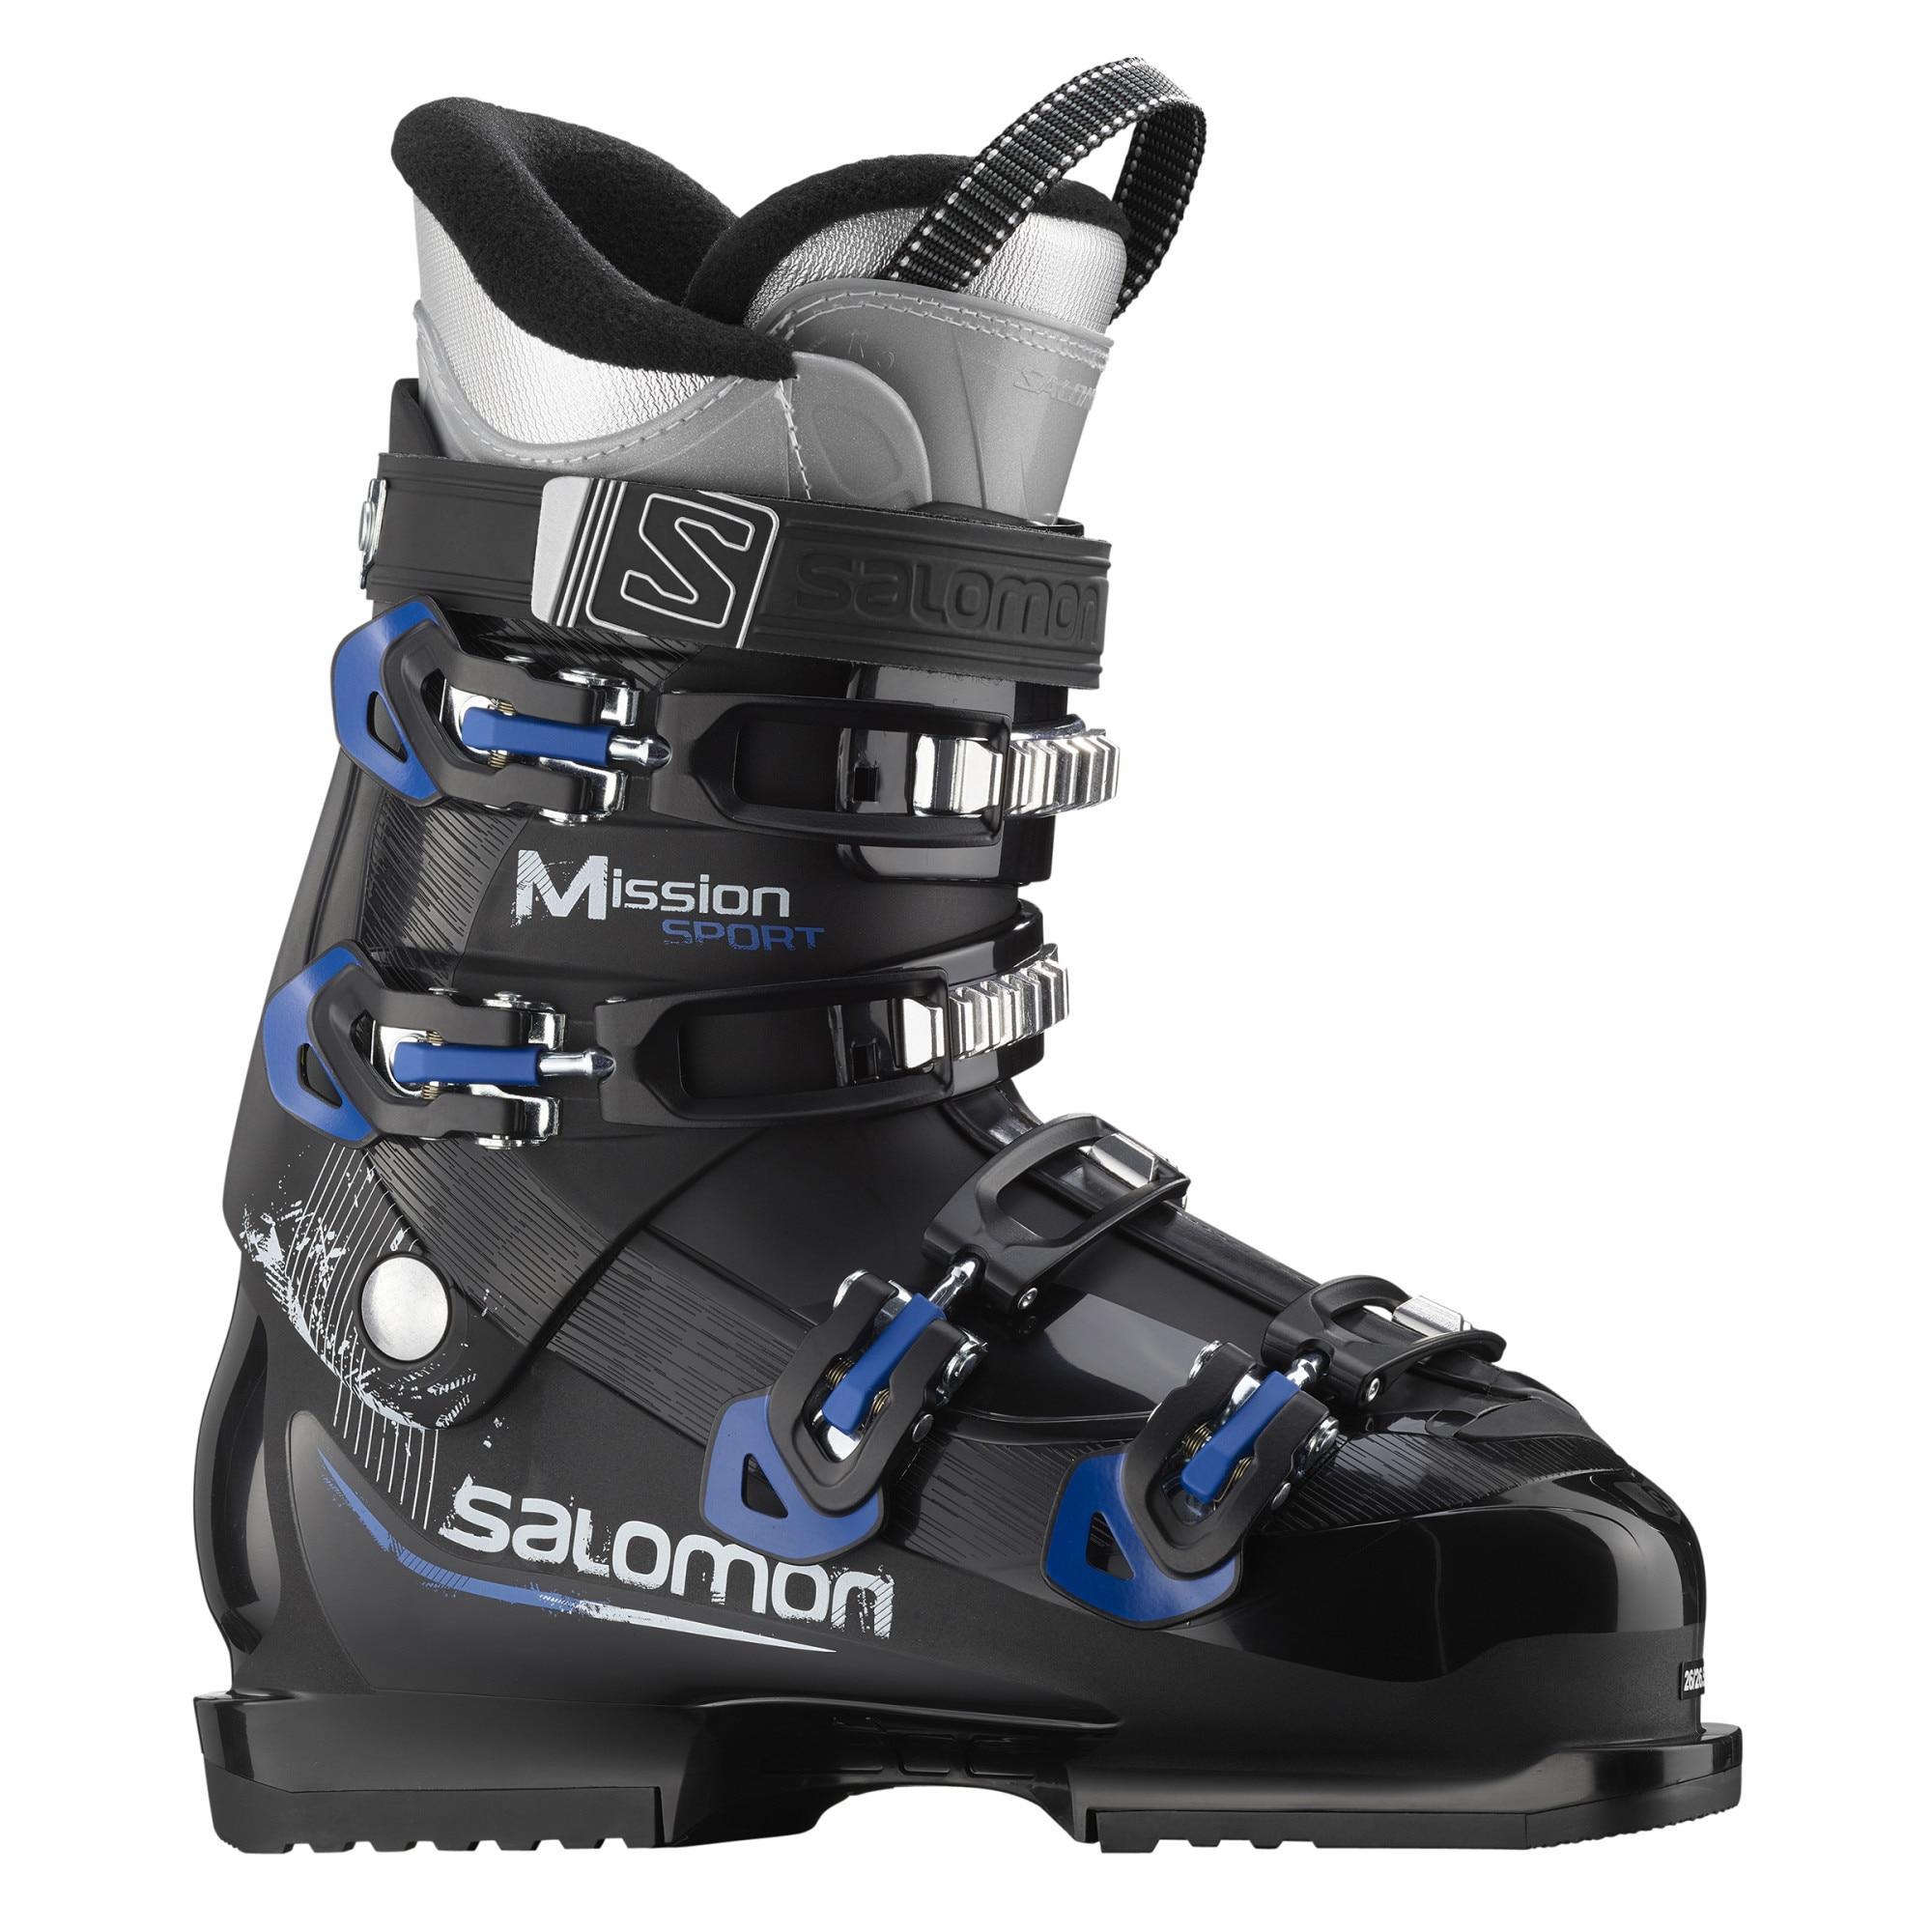 Fotografie Clapari Salomon Mission Sport Alpine, Black-Race Blue, Negru/Albastru, 28, 28.5